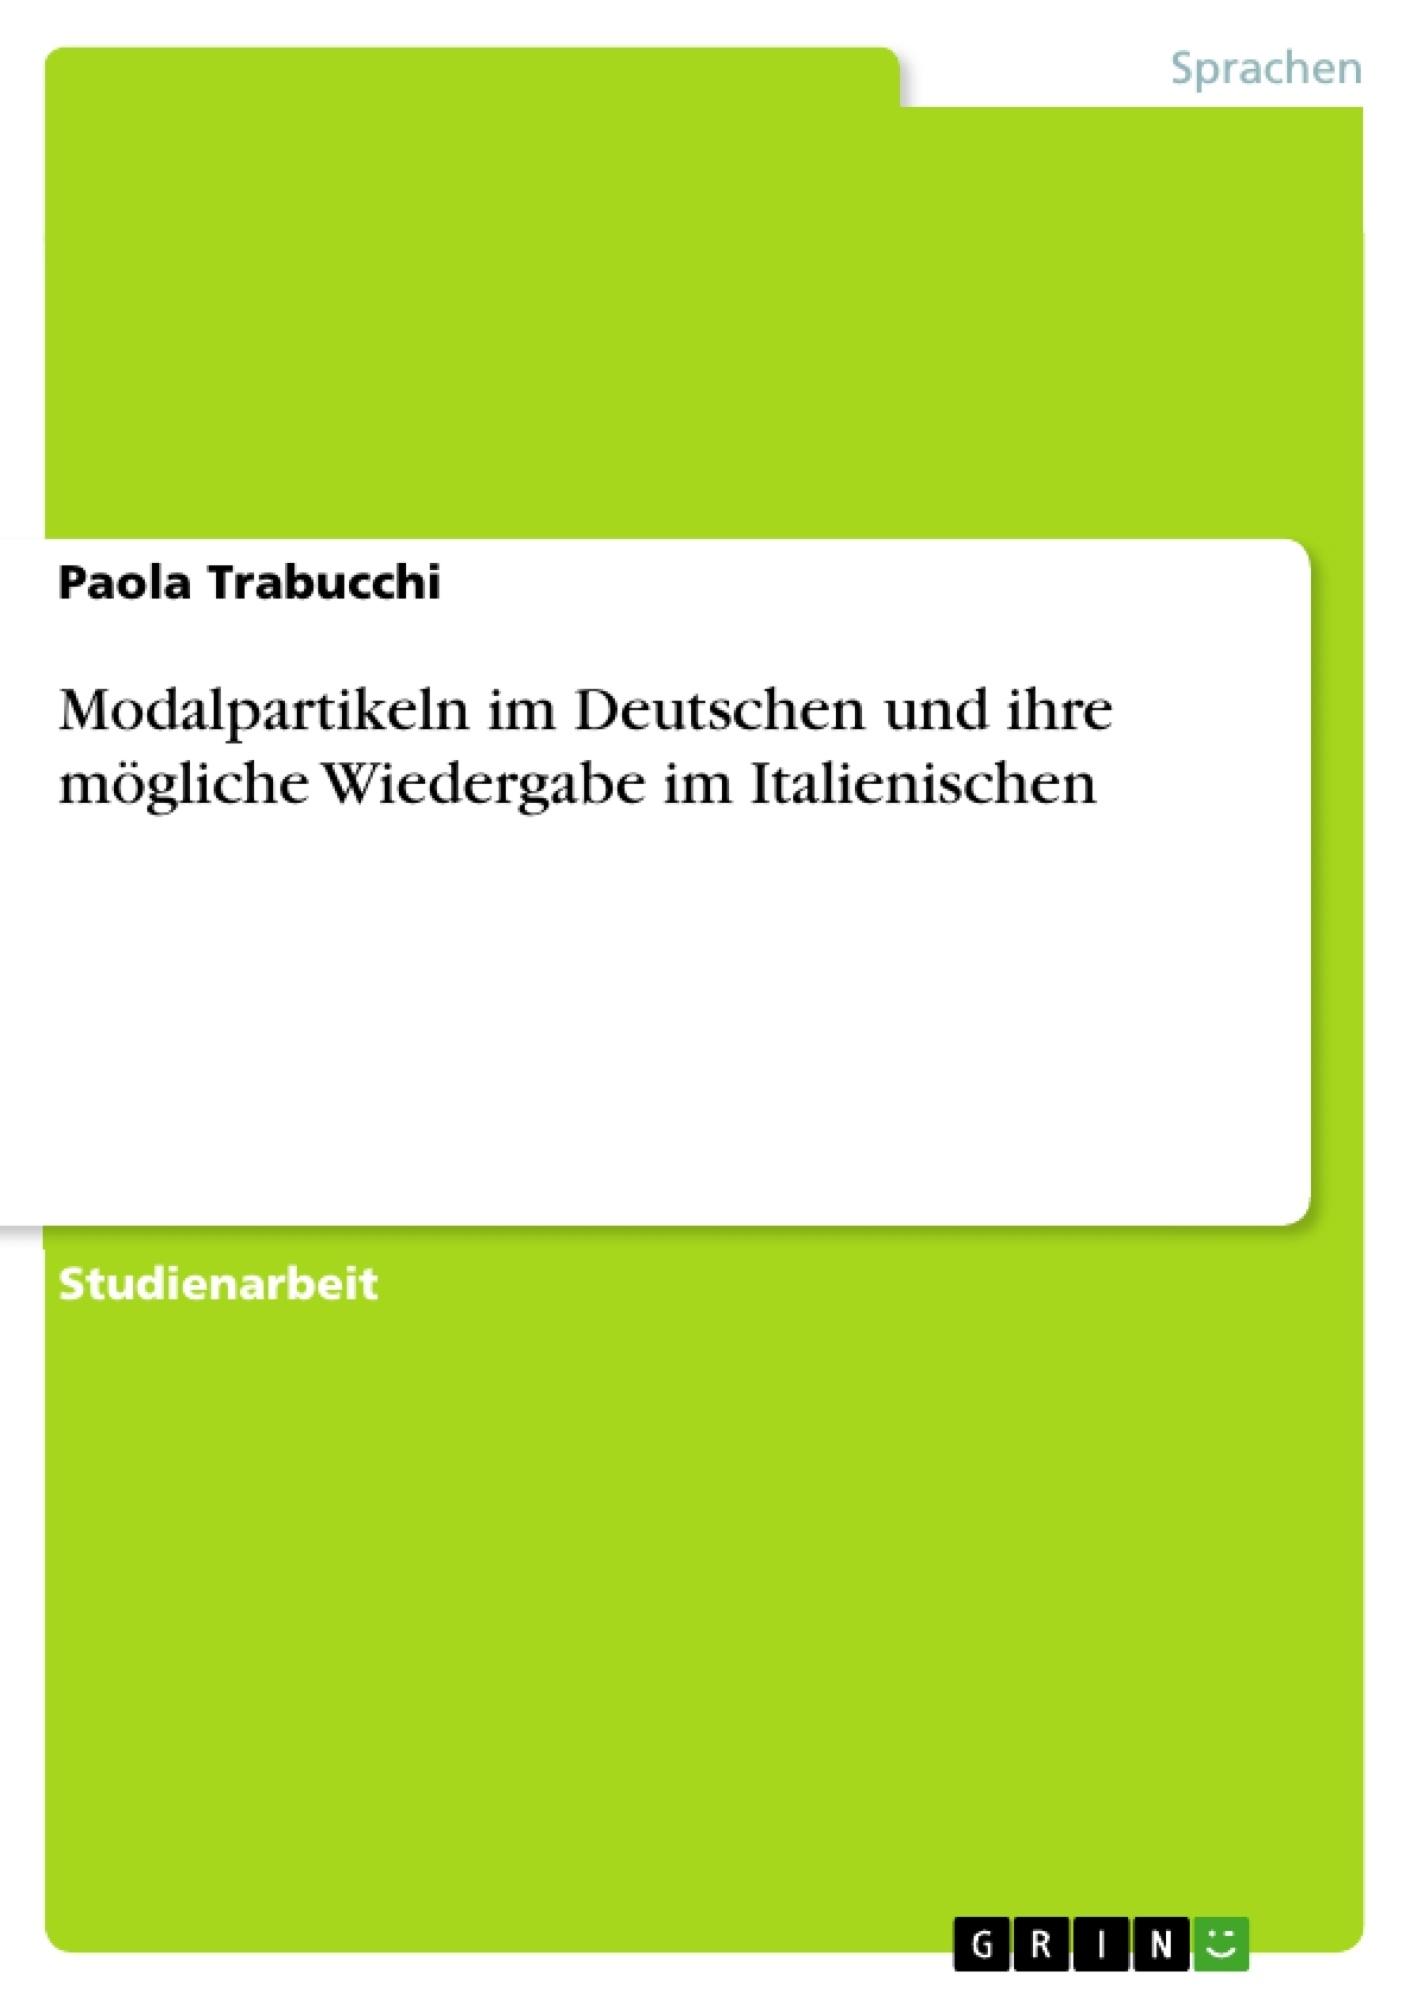 Titel: Modalpartikeln im Deutschen und ihre mögliche Wiedergabe im Italienischen